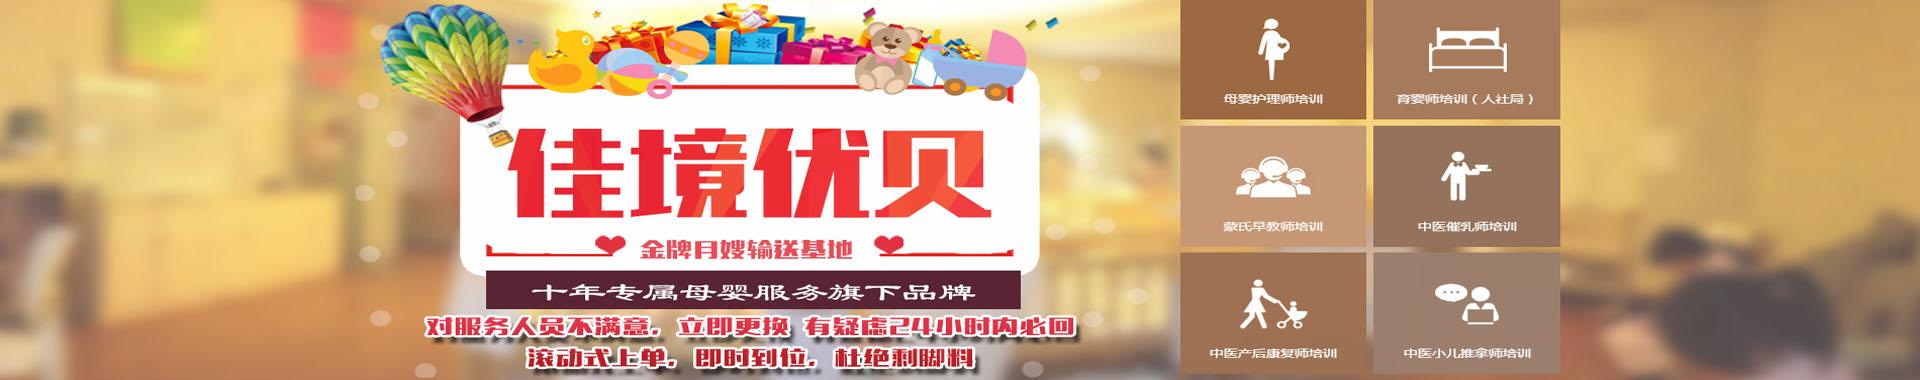 杭州佳境优贝家政服务中心